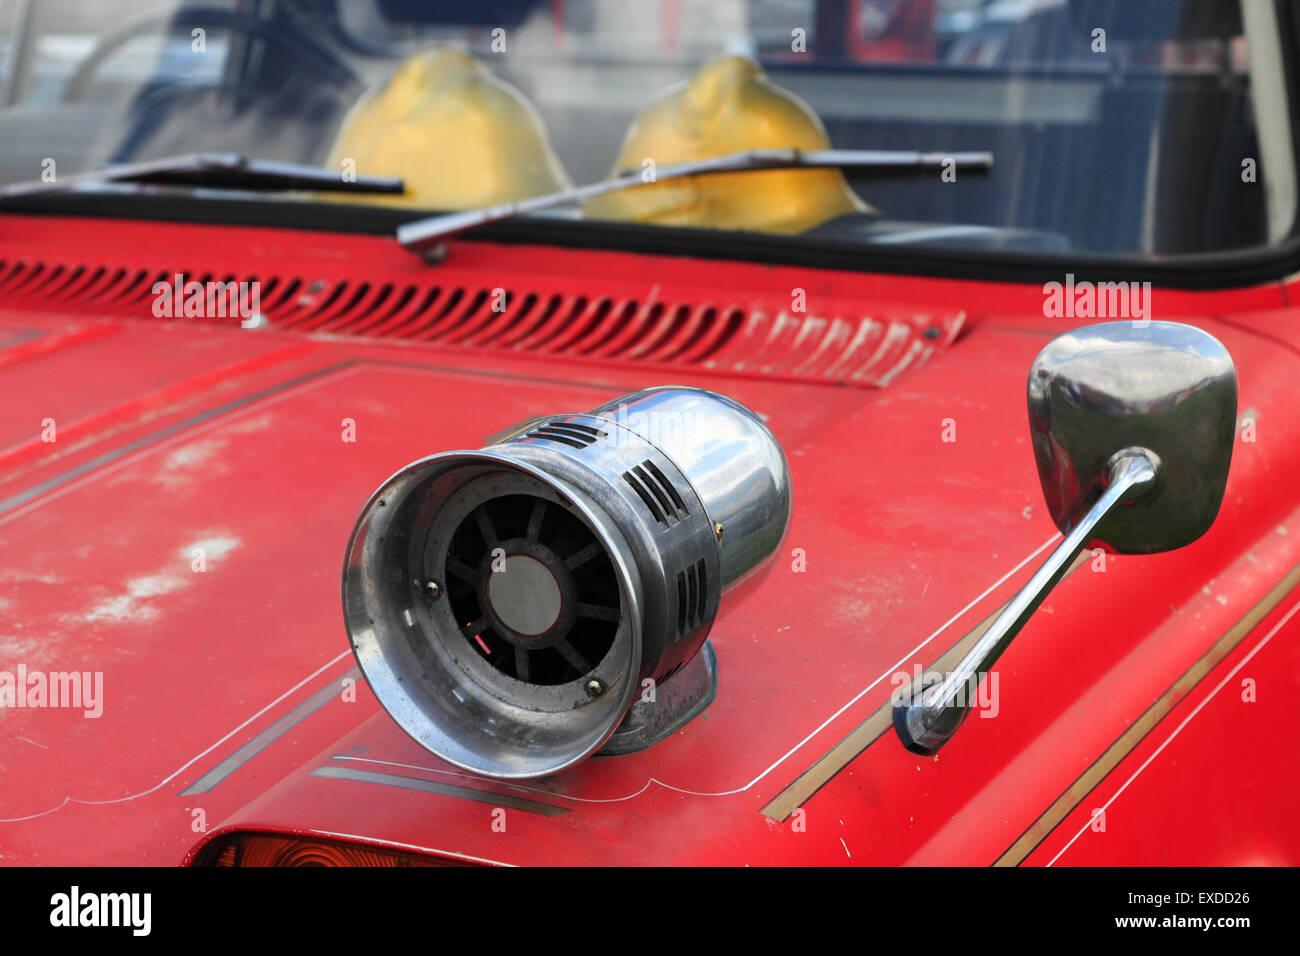 Nahaufnahme der alten Feuerwehrauto mit einer Sirene auf dem Kotflügel. Stockfoto